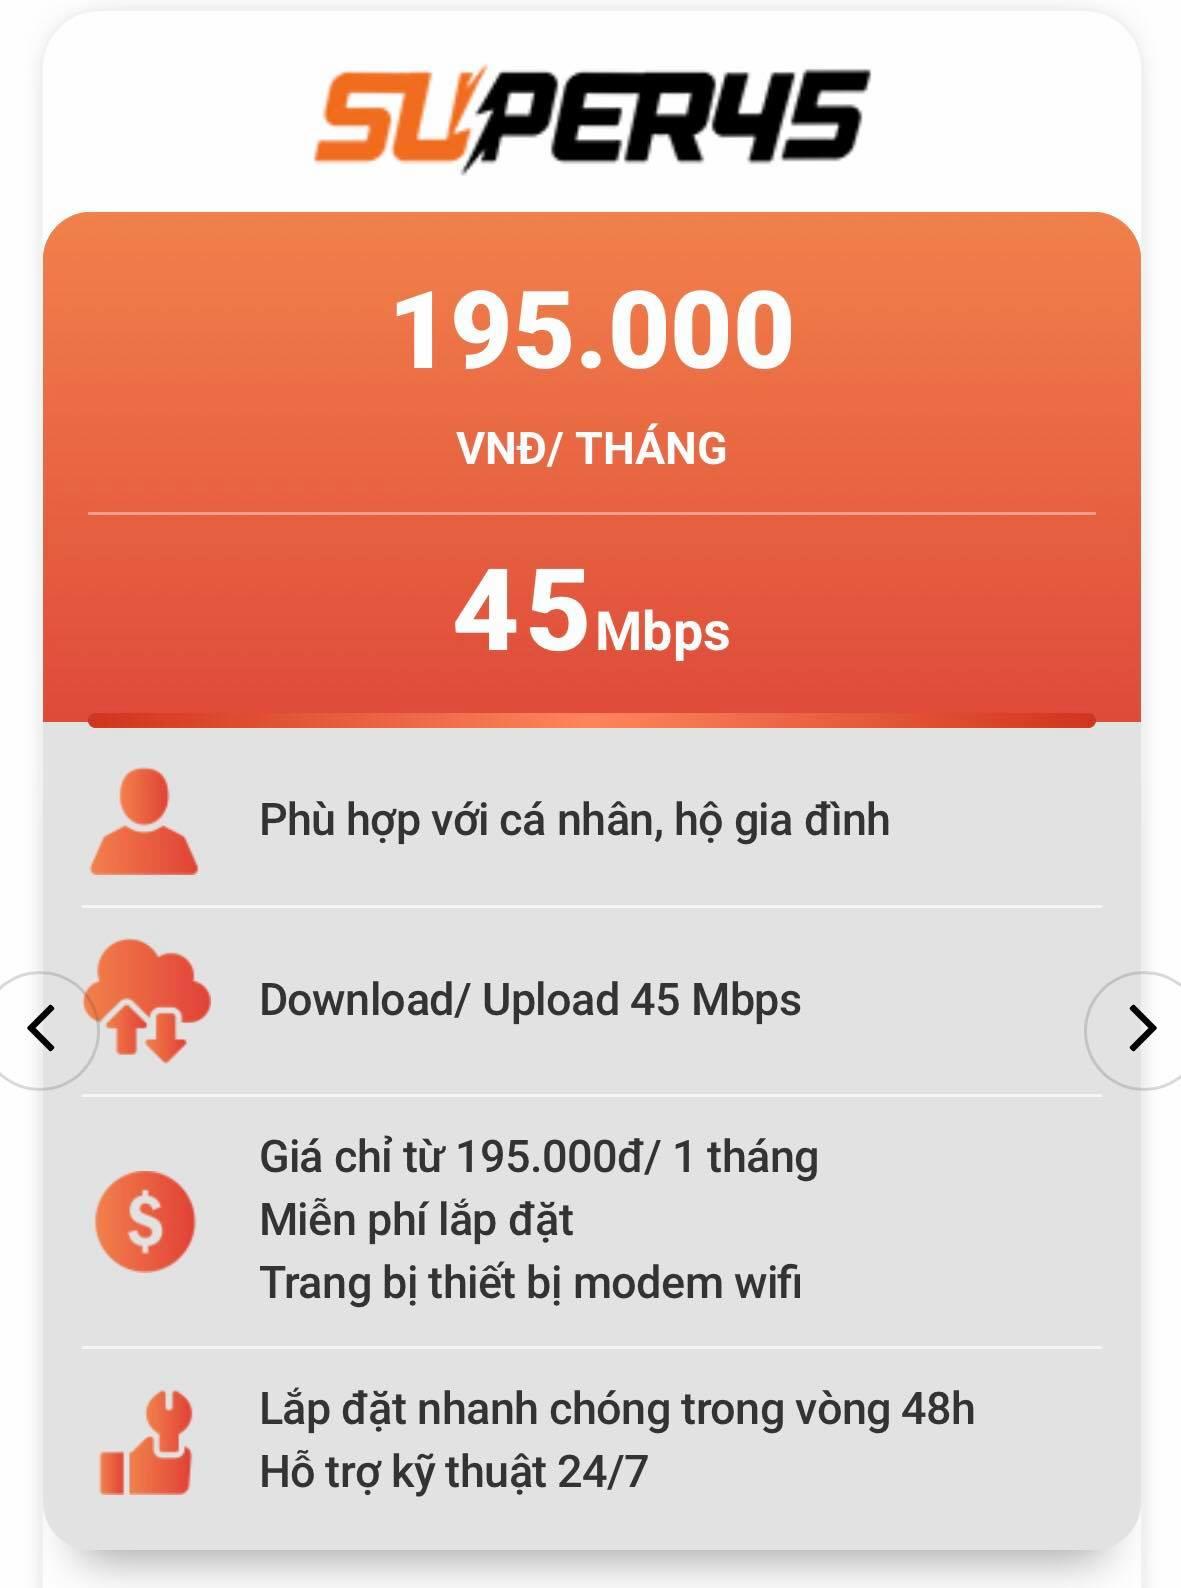 Gói cước FPT Quận Gò Vấp thông dụng nhất - Super45